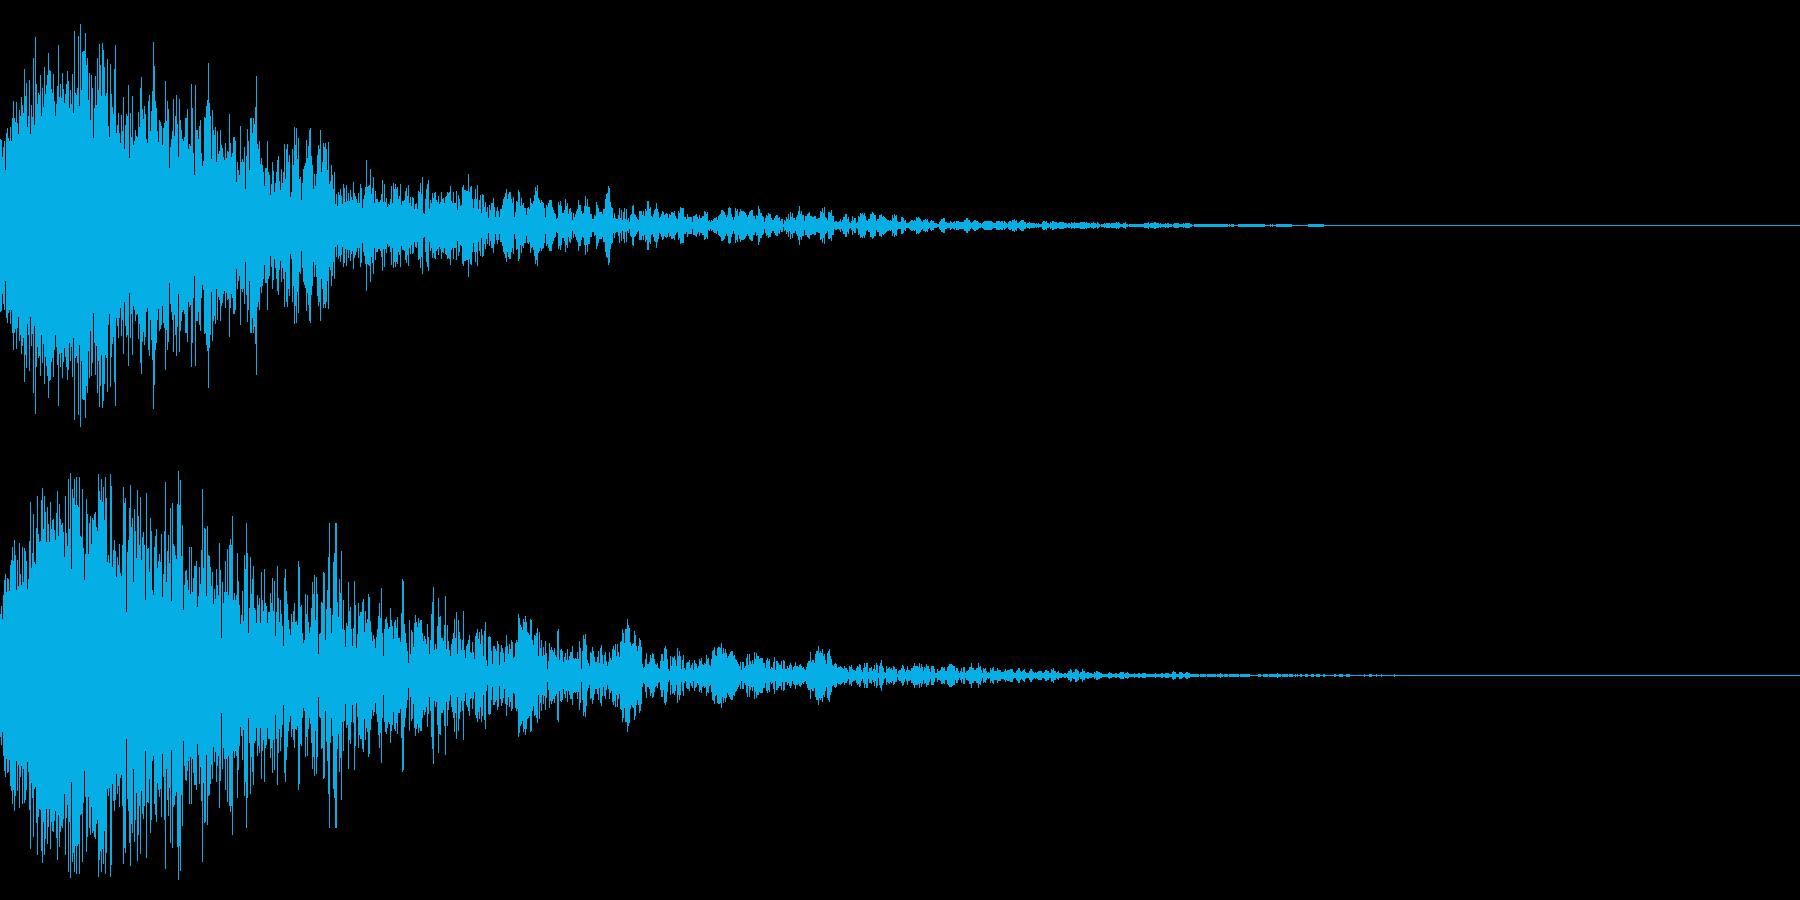 ドーン-54-2(インパクト音)の再生済みの波形